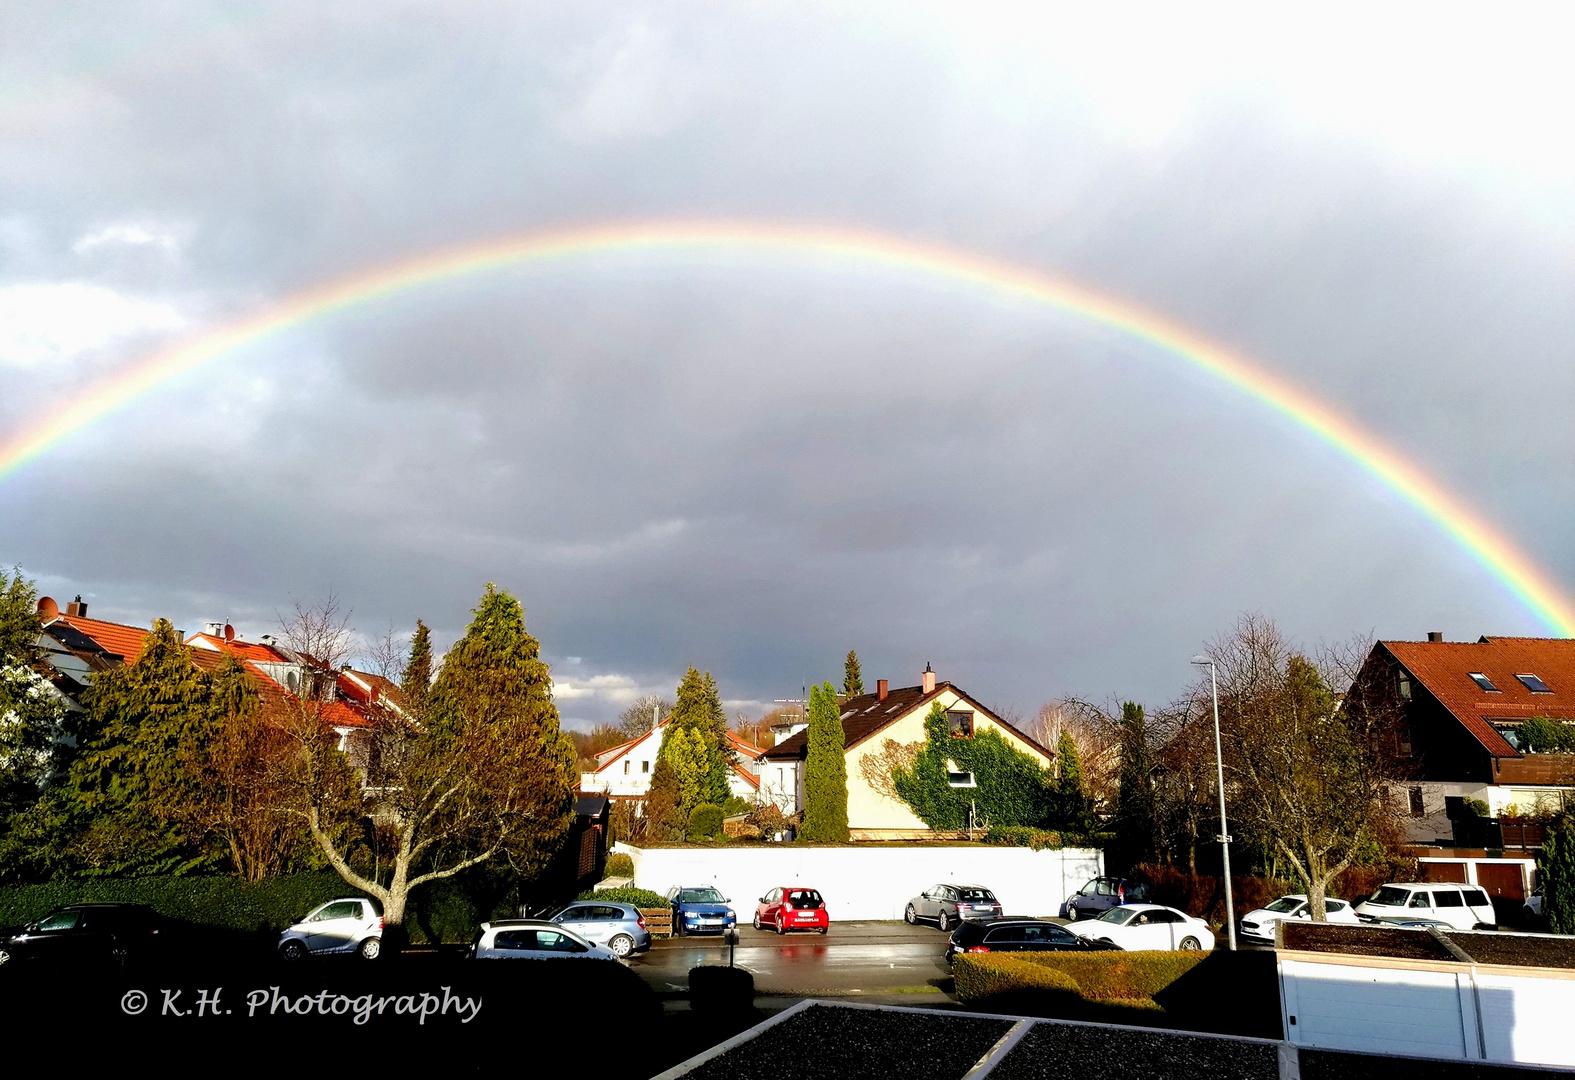 Regenbogen in Wolfschlugen 10.03.2019 16:32h